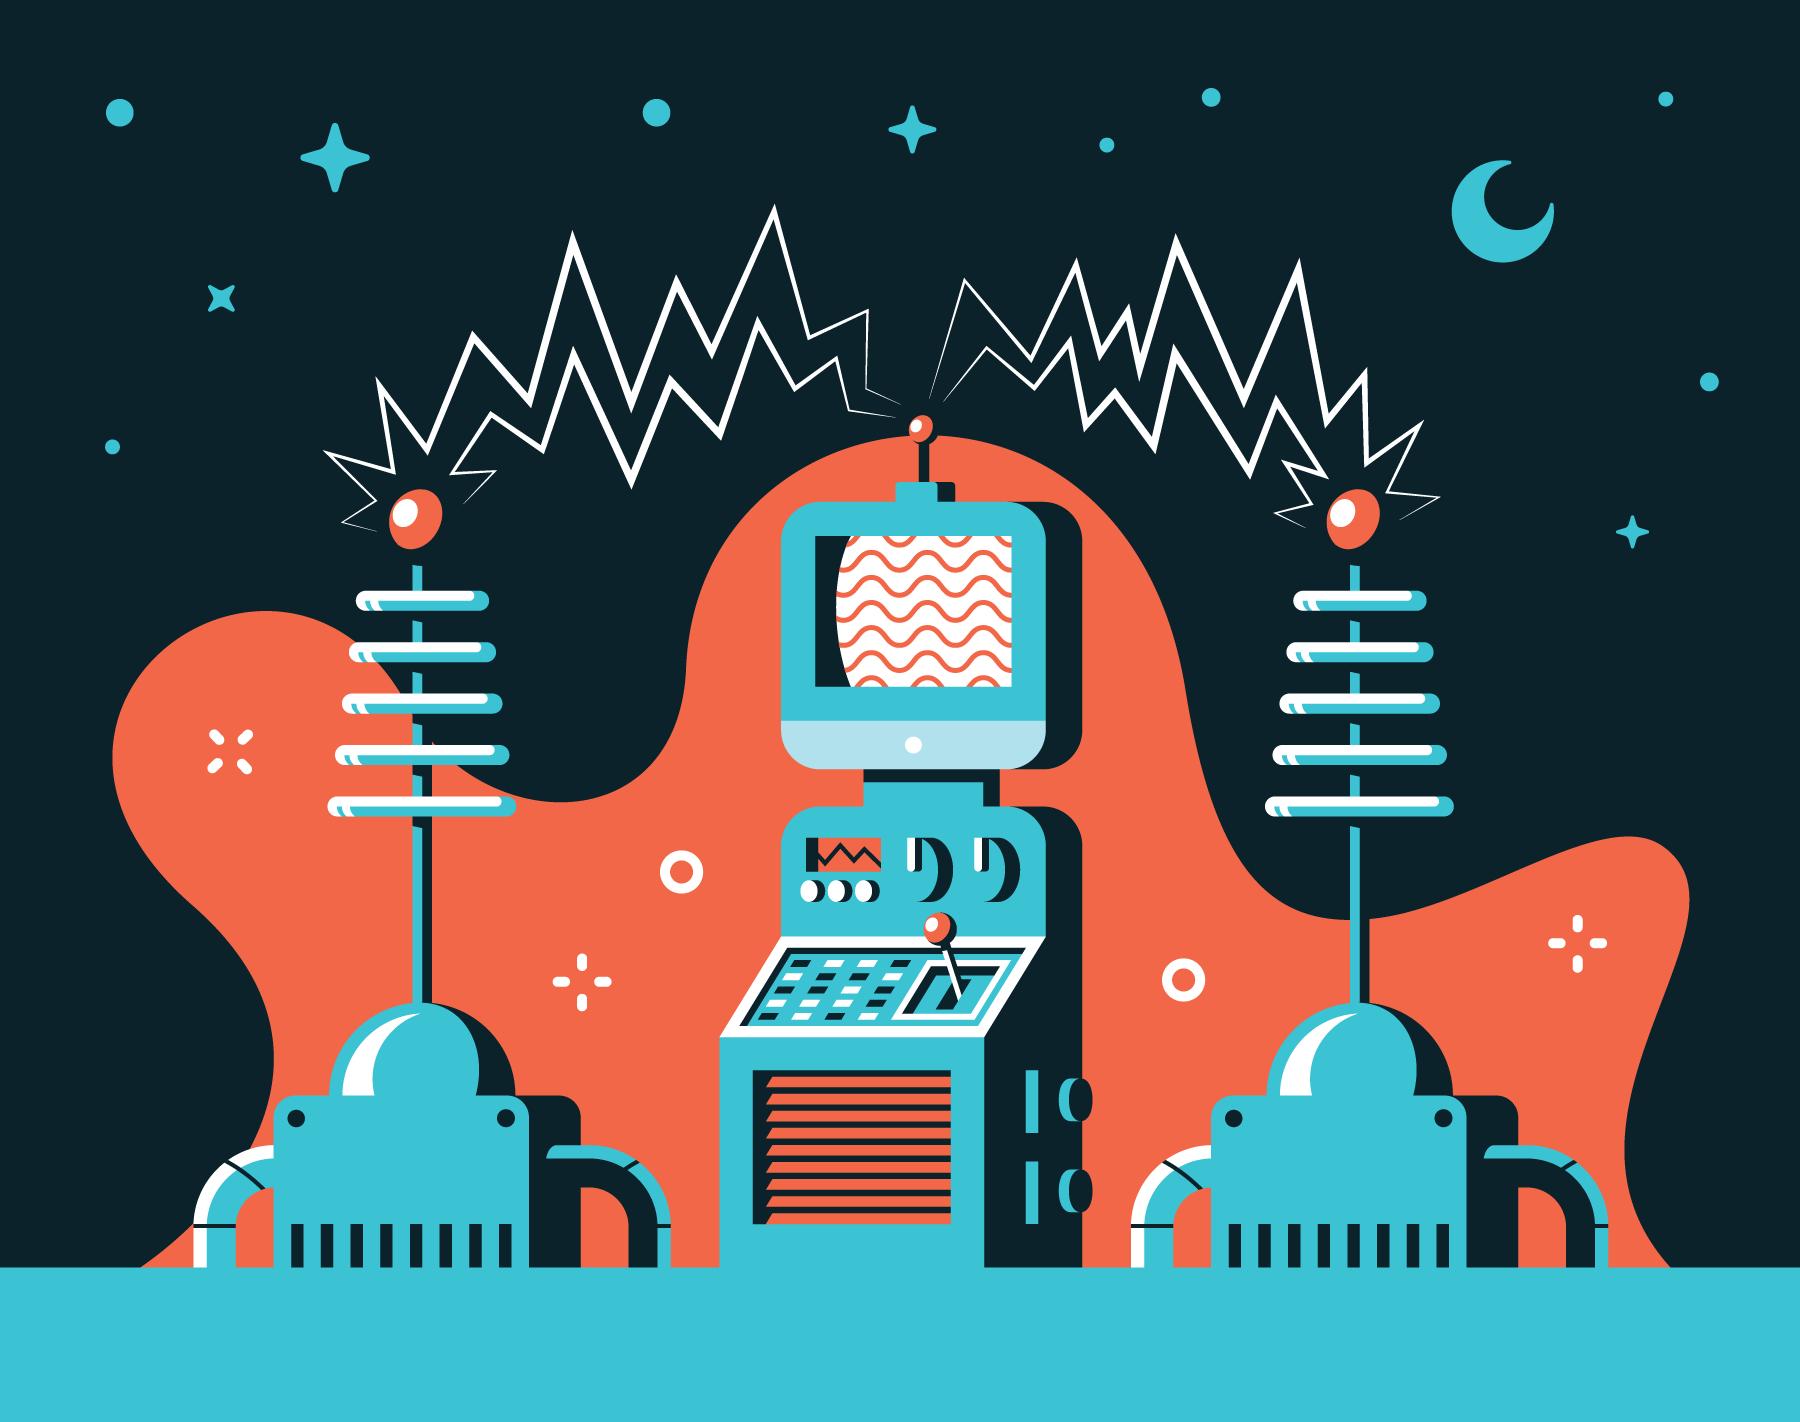 Tesla-Computer-Main.png